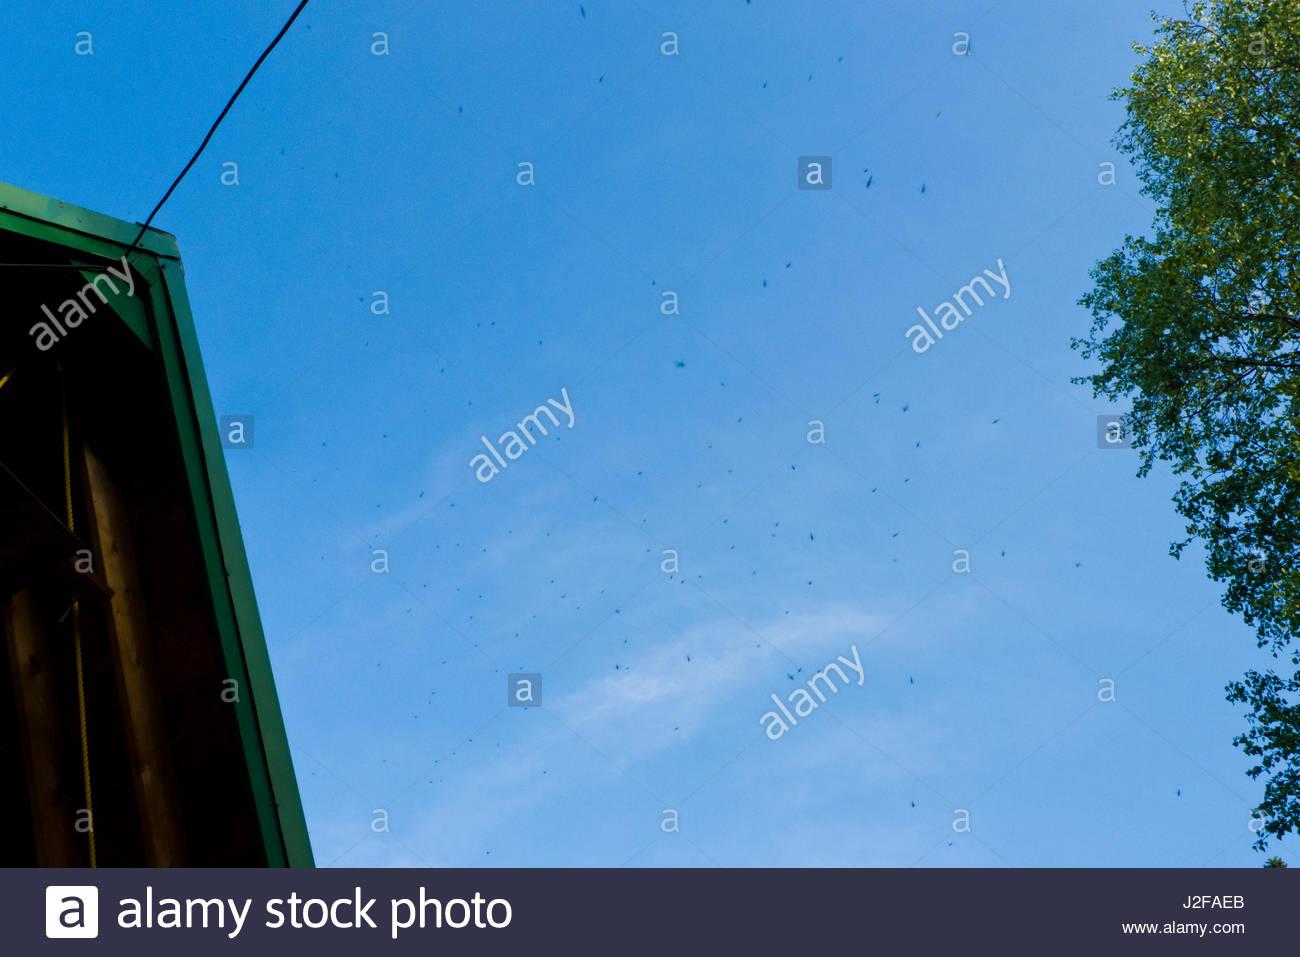 Alaska matanuska susitna county talkeetna - Cloud Of Mosquitoes In The Blue Sky Talkeetna Mountains Matanuska Susitna Borough